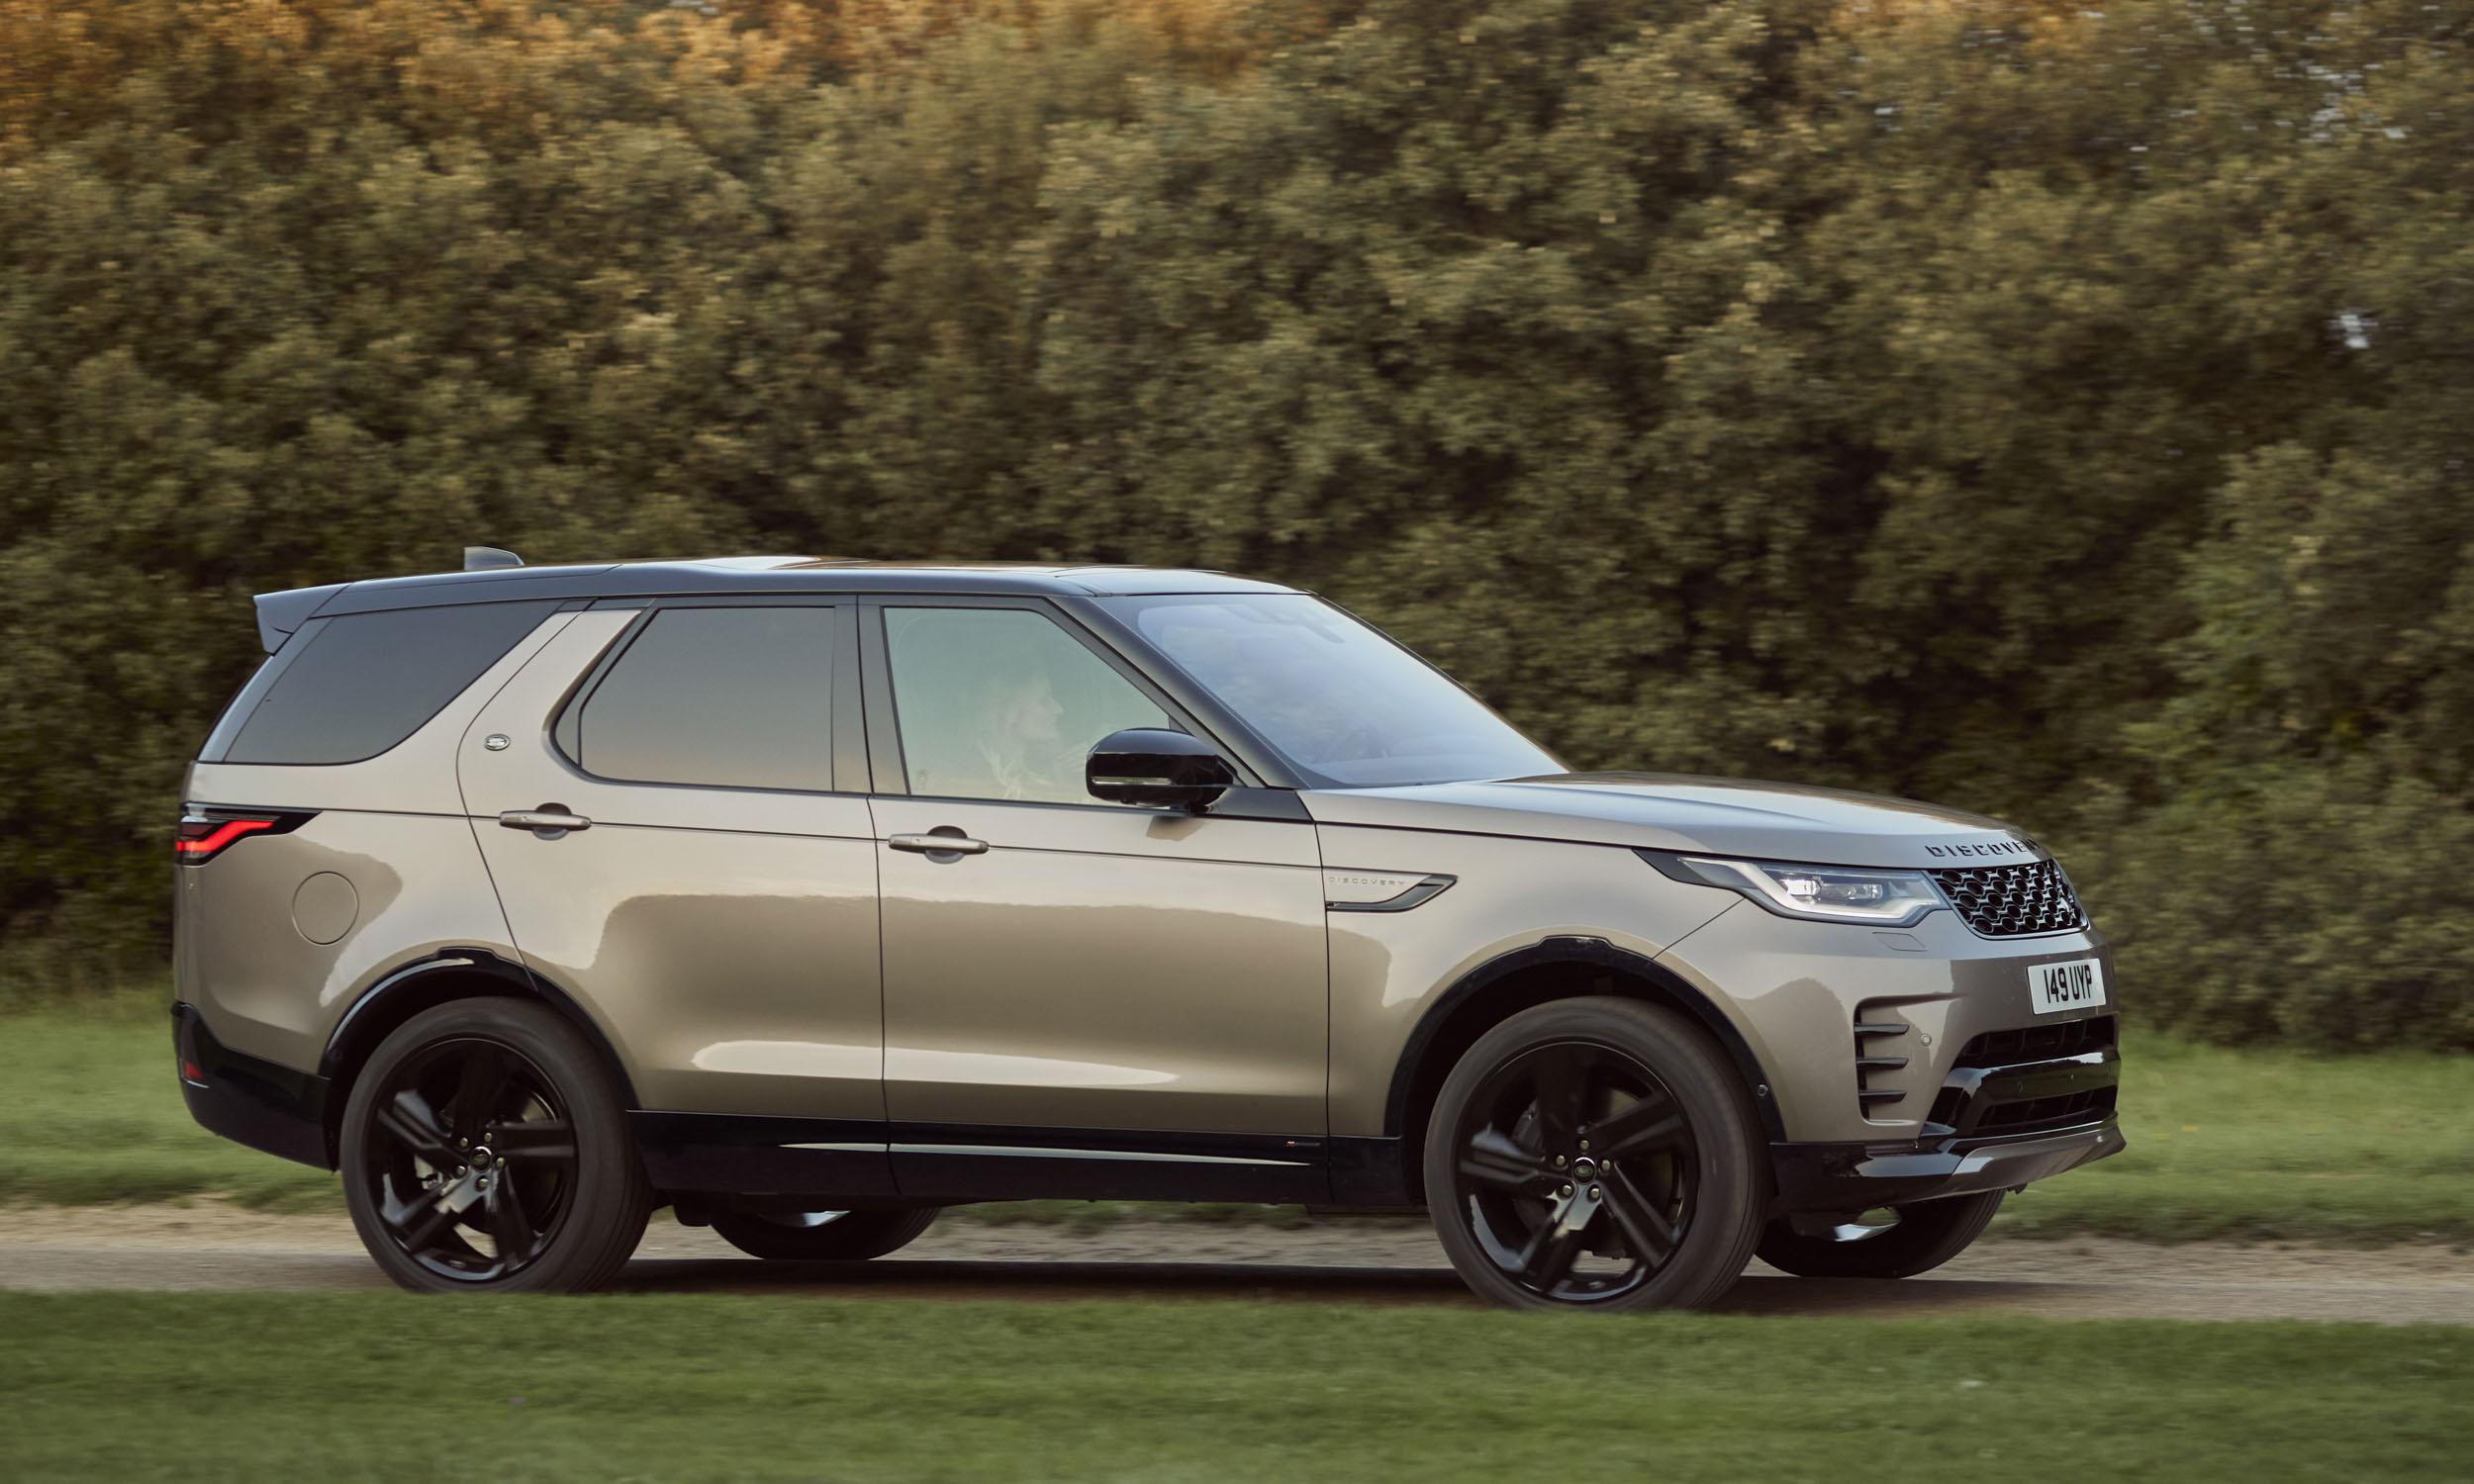 © Jaguar Land Rover Limited